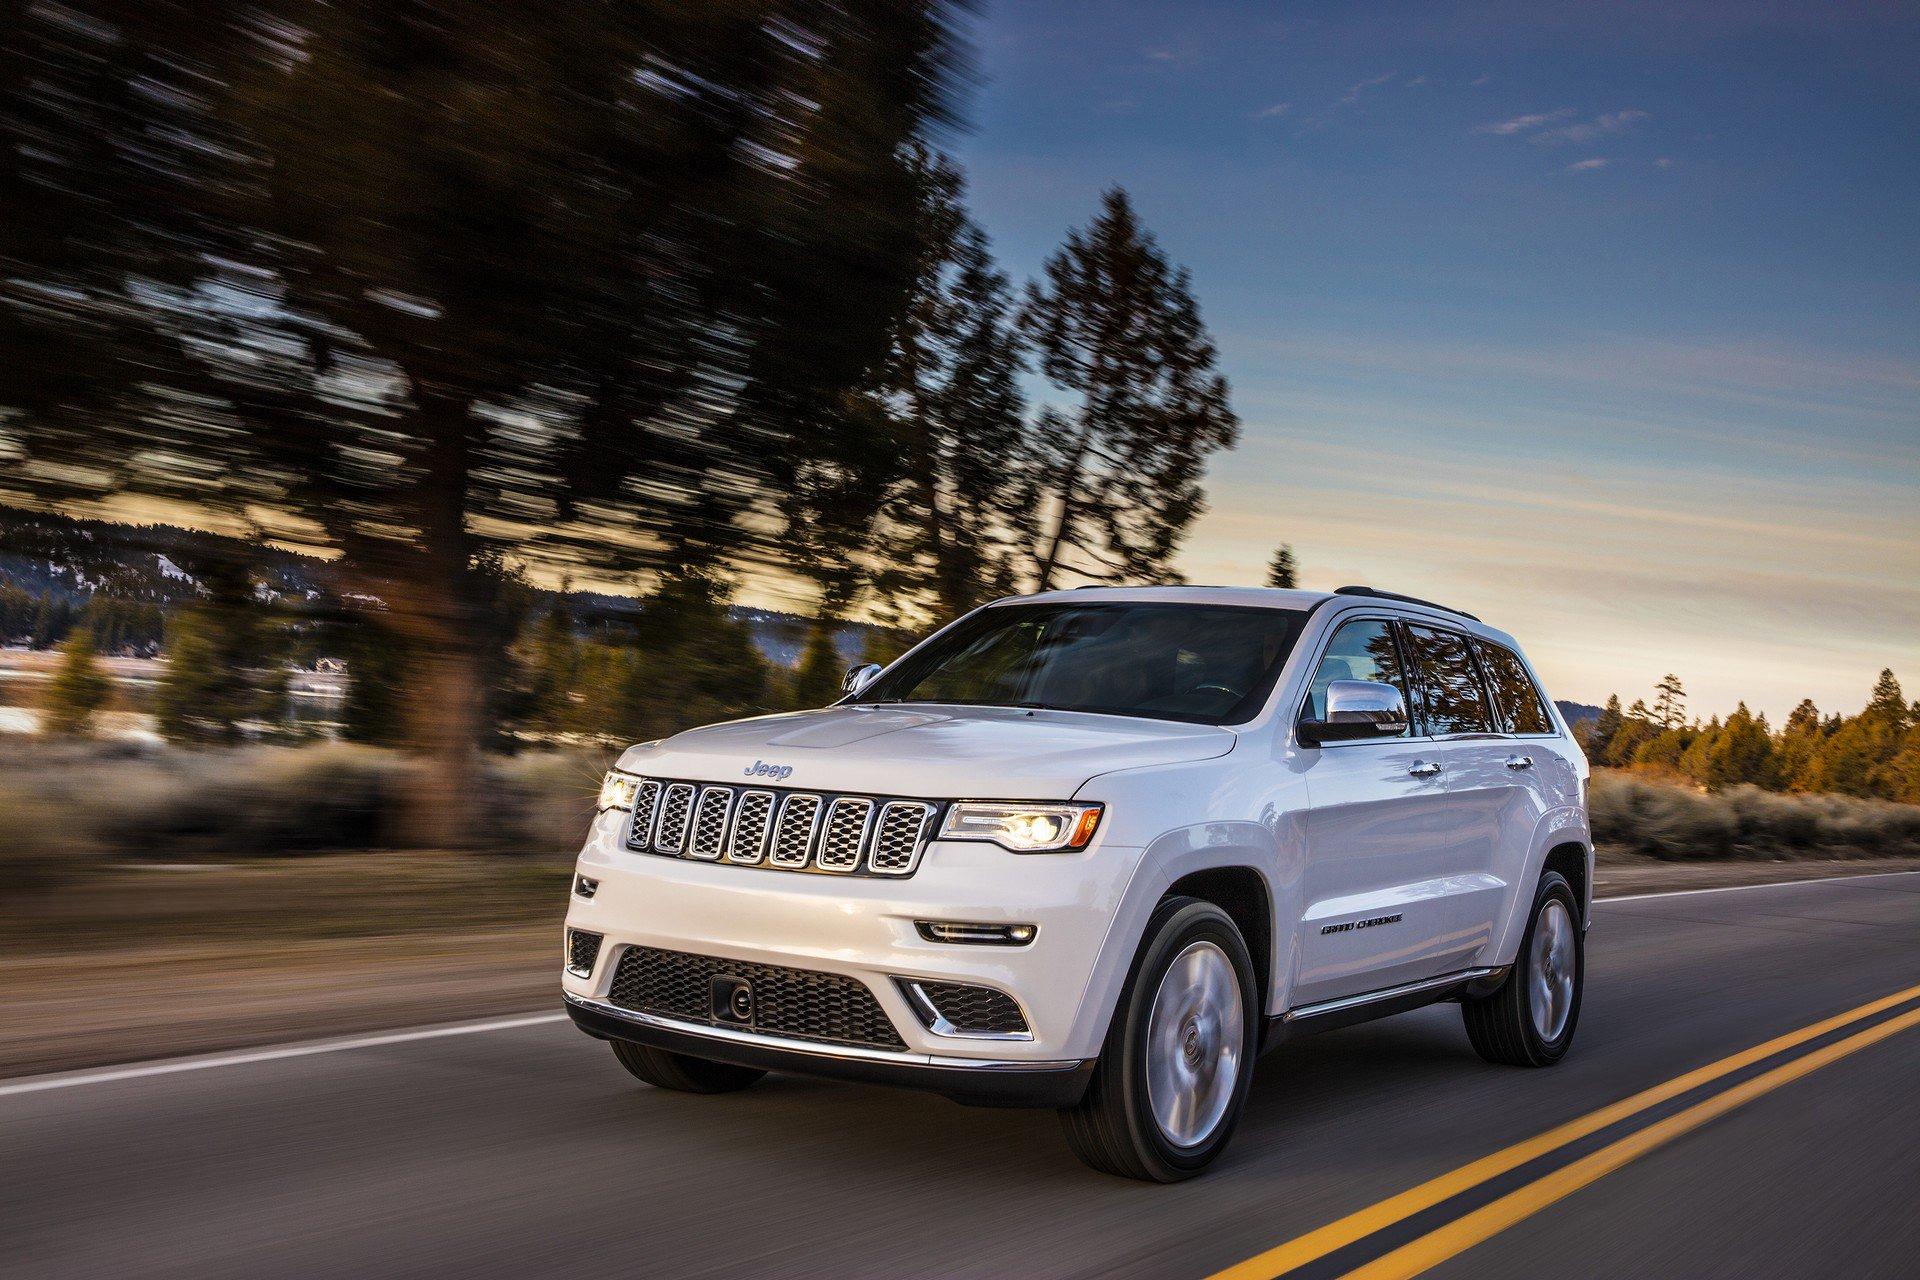 [Resim: 2019-jeep-grand-cherokee_3.jpg]